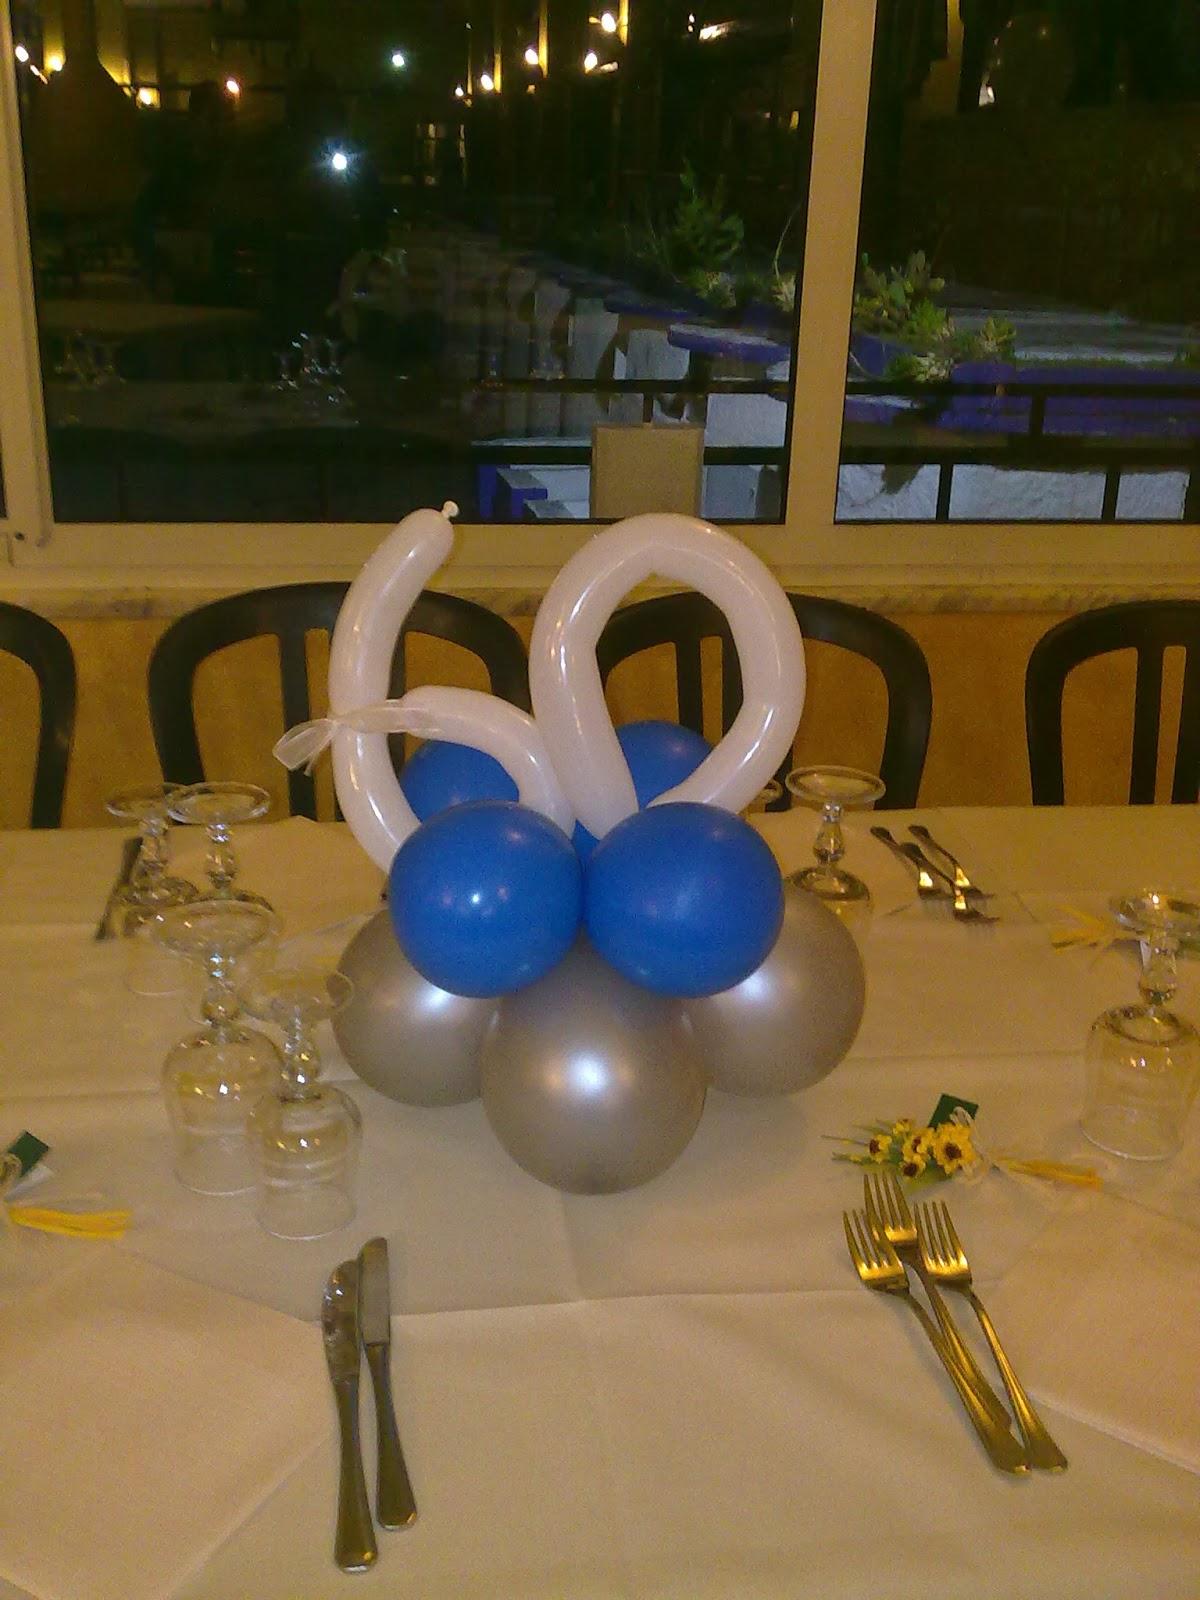 Conosciuto LV balloon art: COMPLEANNO 60 anni WX35